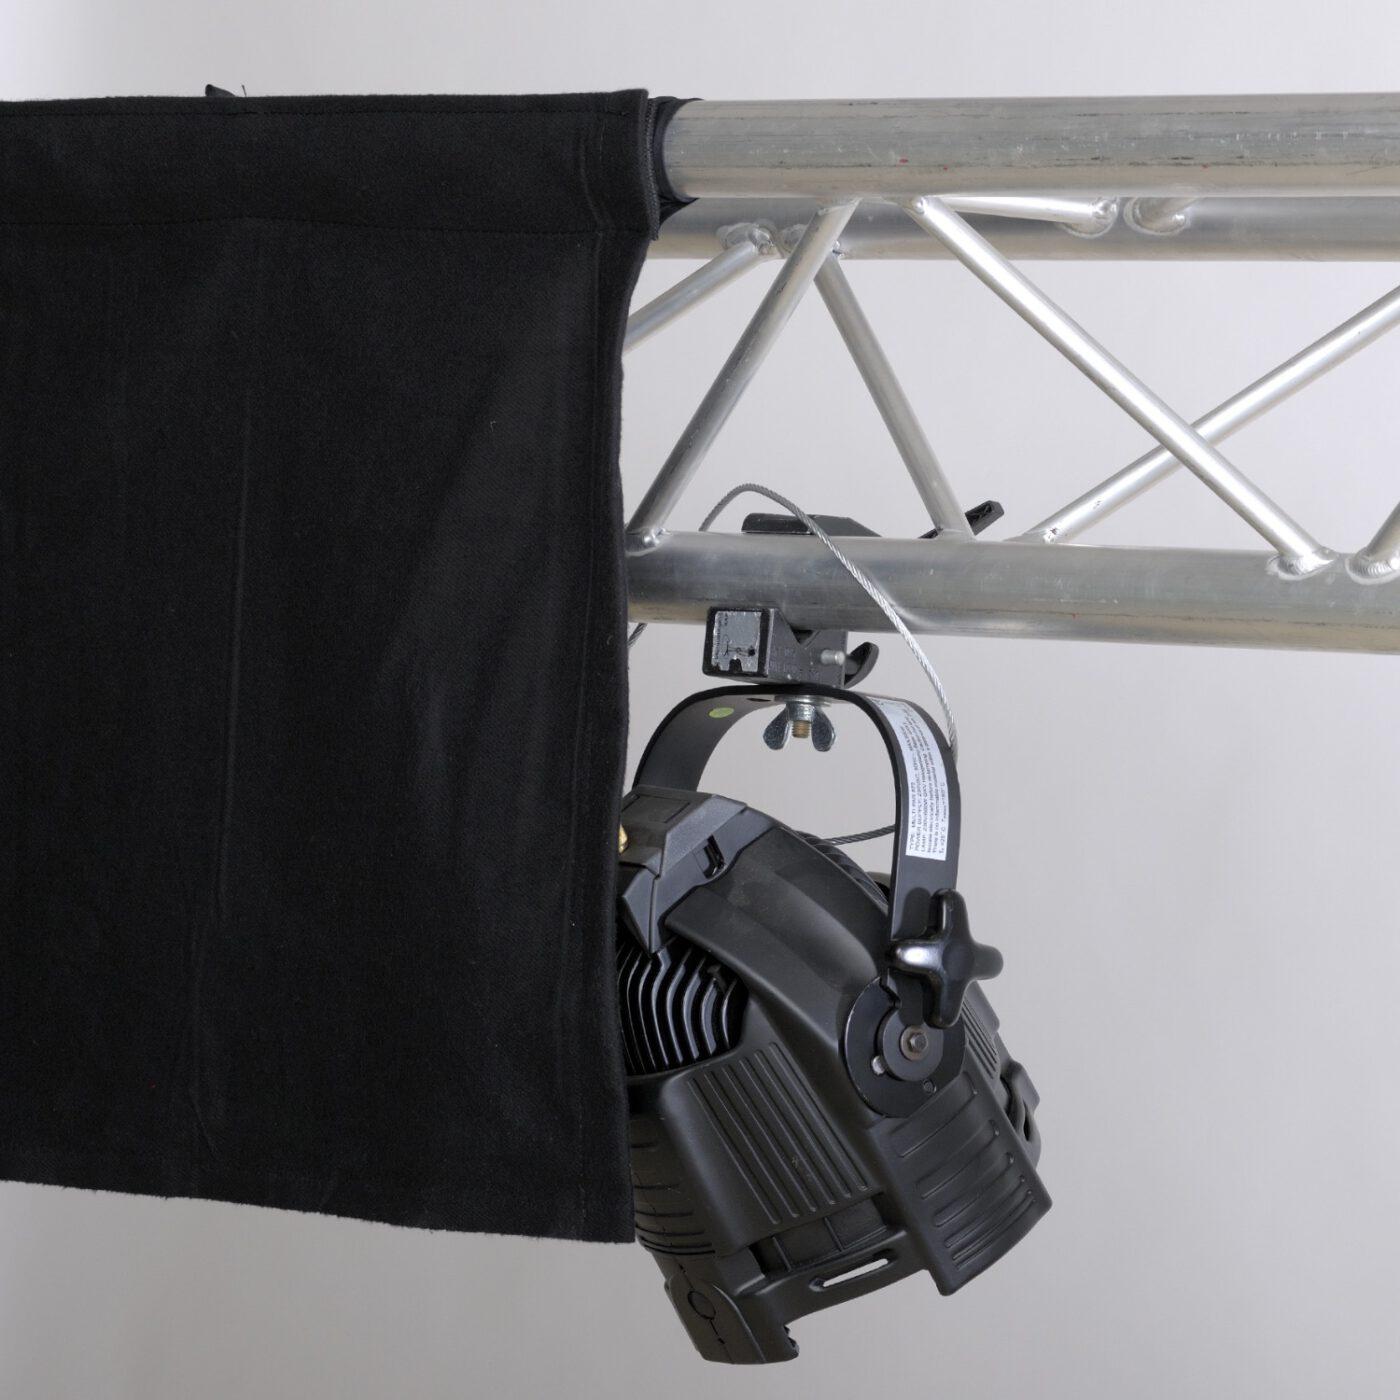 Traversenschals 2 - Backdrop